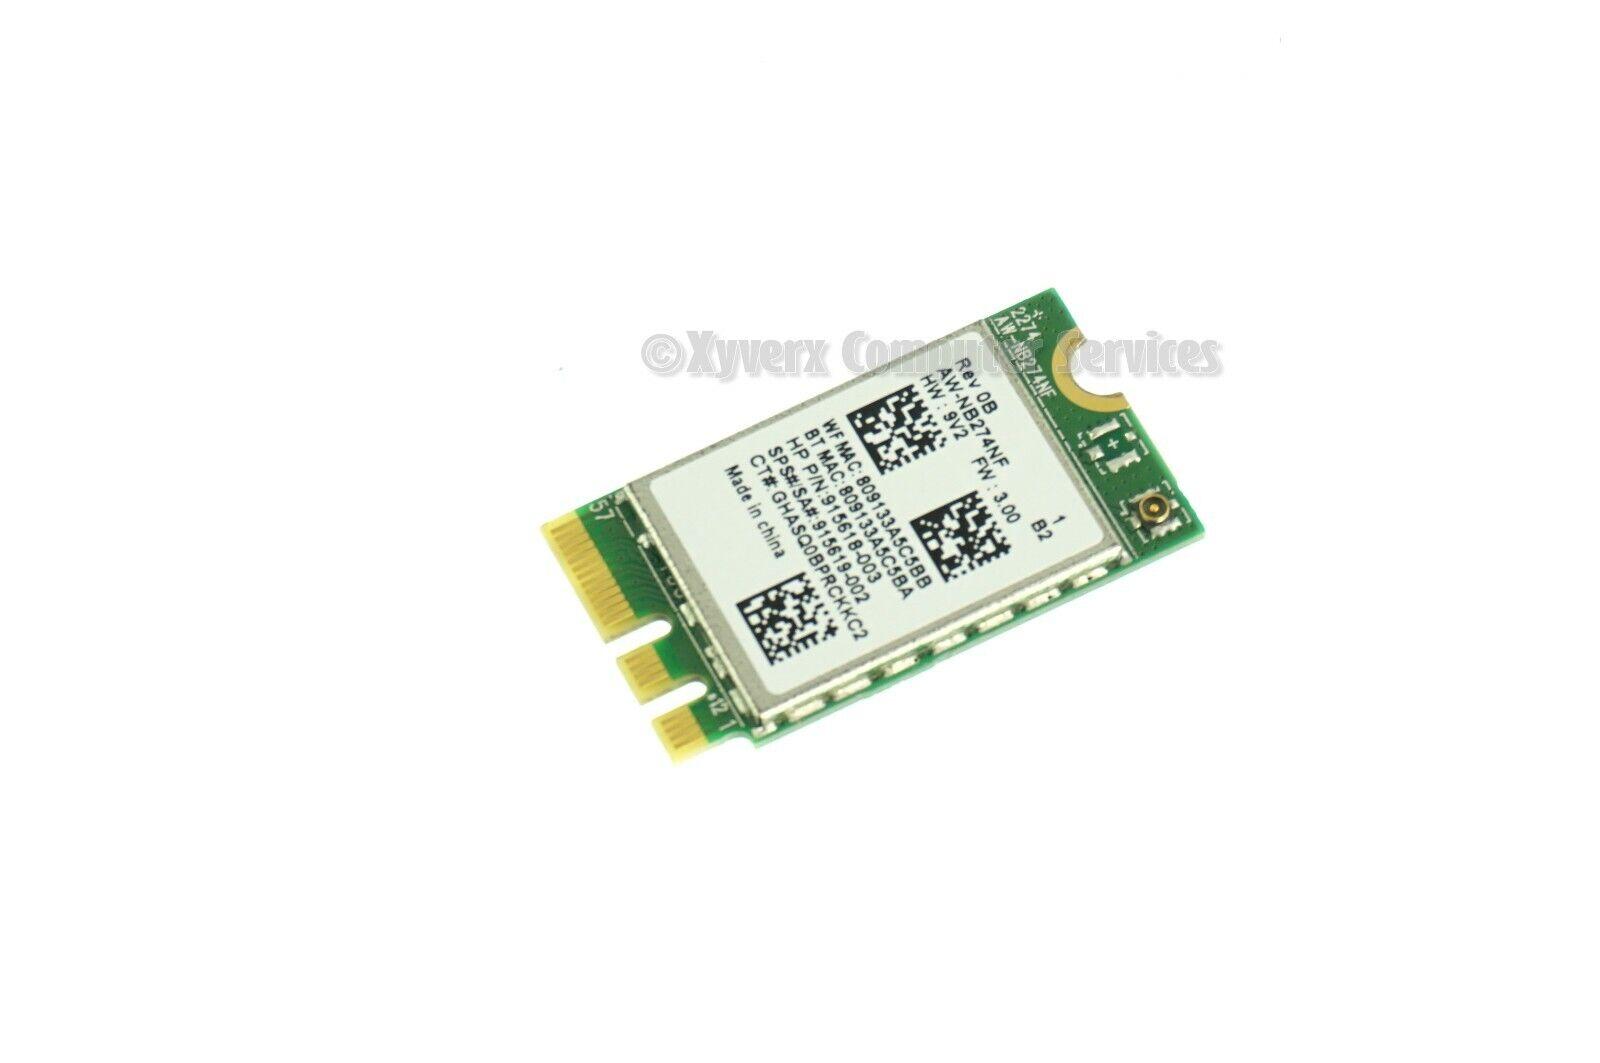 915619-002 RTL8723DE GENUINE HP WIRELESS CARD 15-DY 15-DY0013DX (CA714)